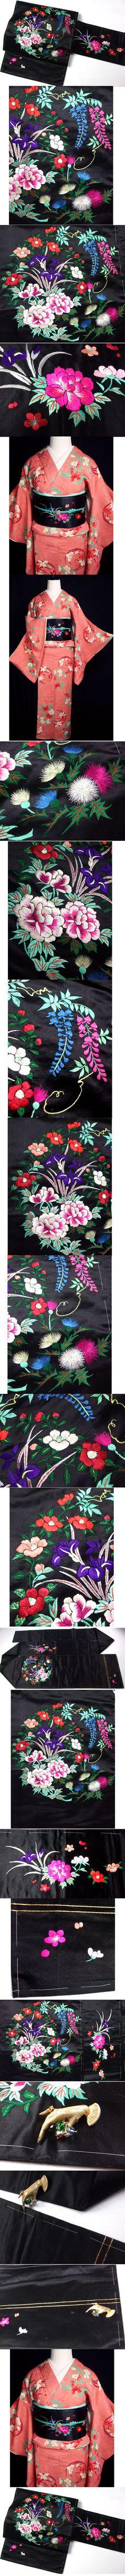 春のsale!! b633極上日本刺繍/藤牡丹椿アンティーク帯   - ヤフオク!